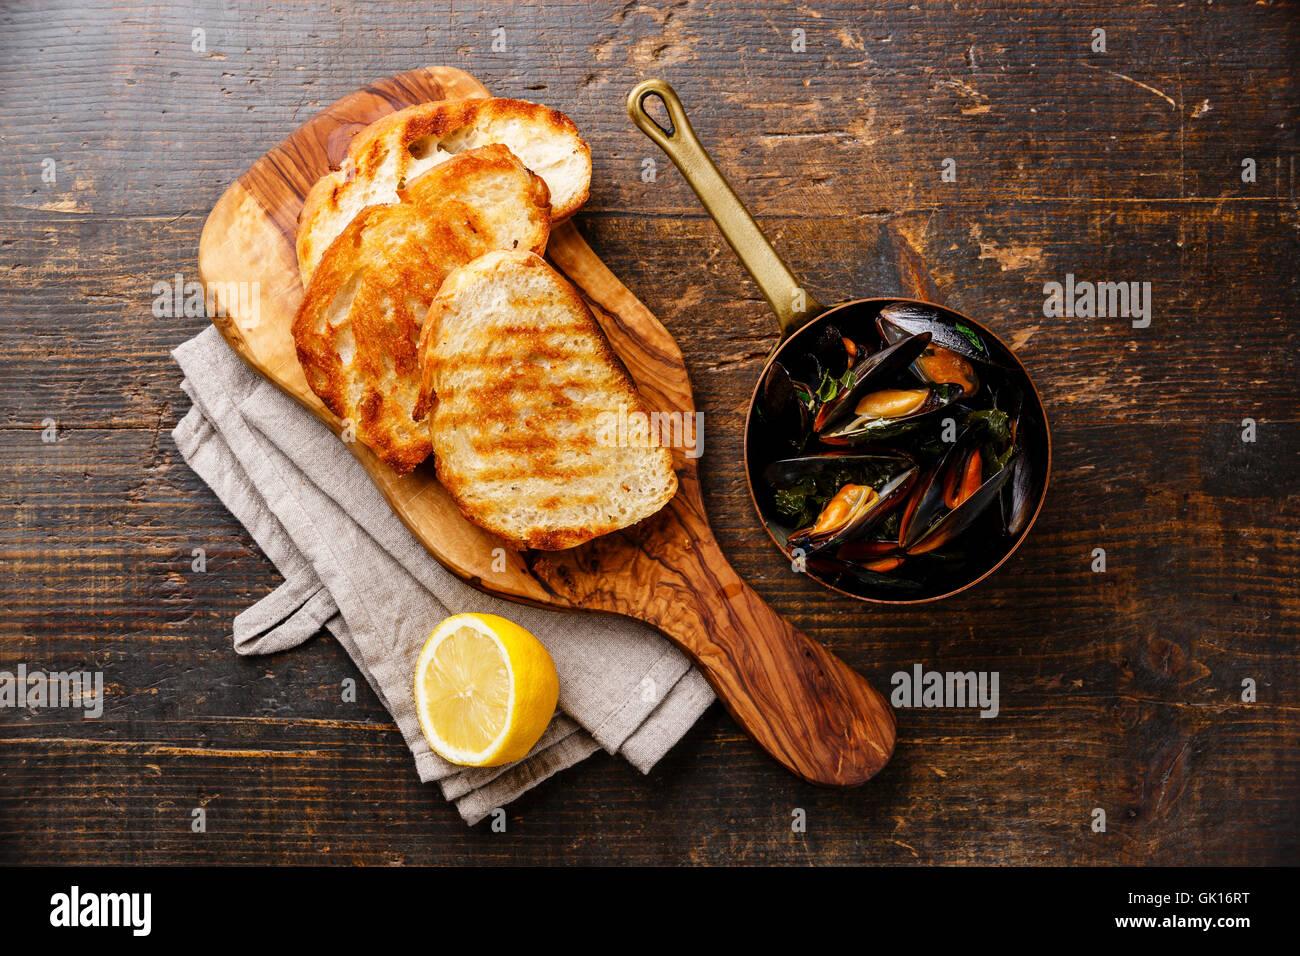 Moules dans marmite en cuivre, toasts de pain et de citron sur fond de bois Banque D'Images